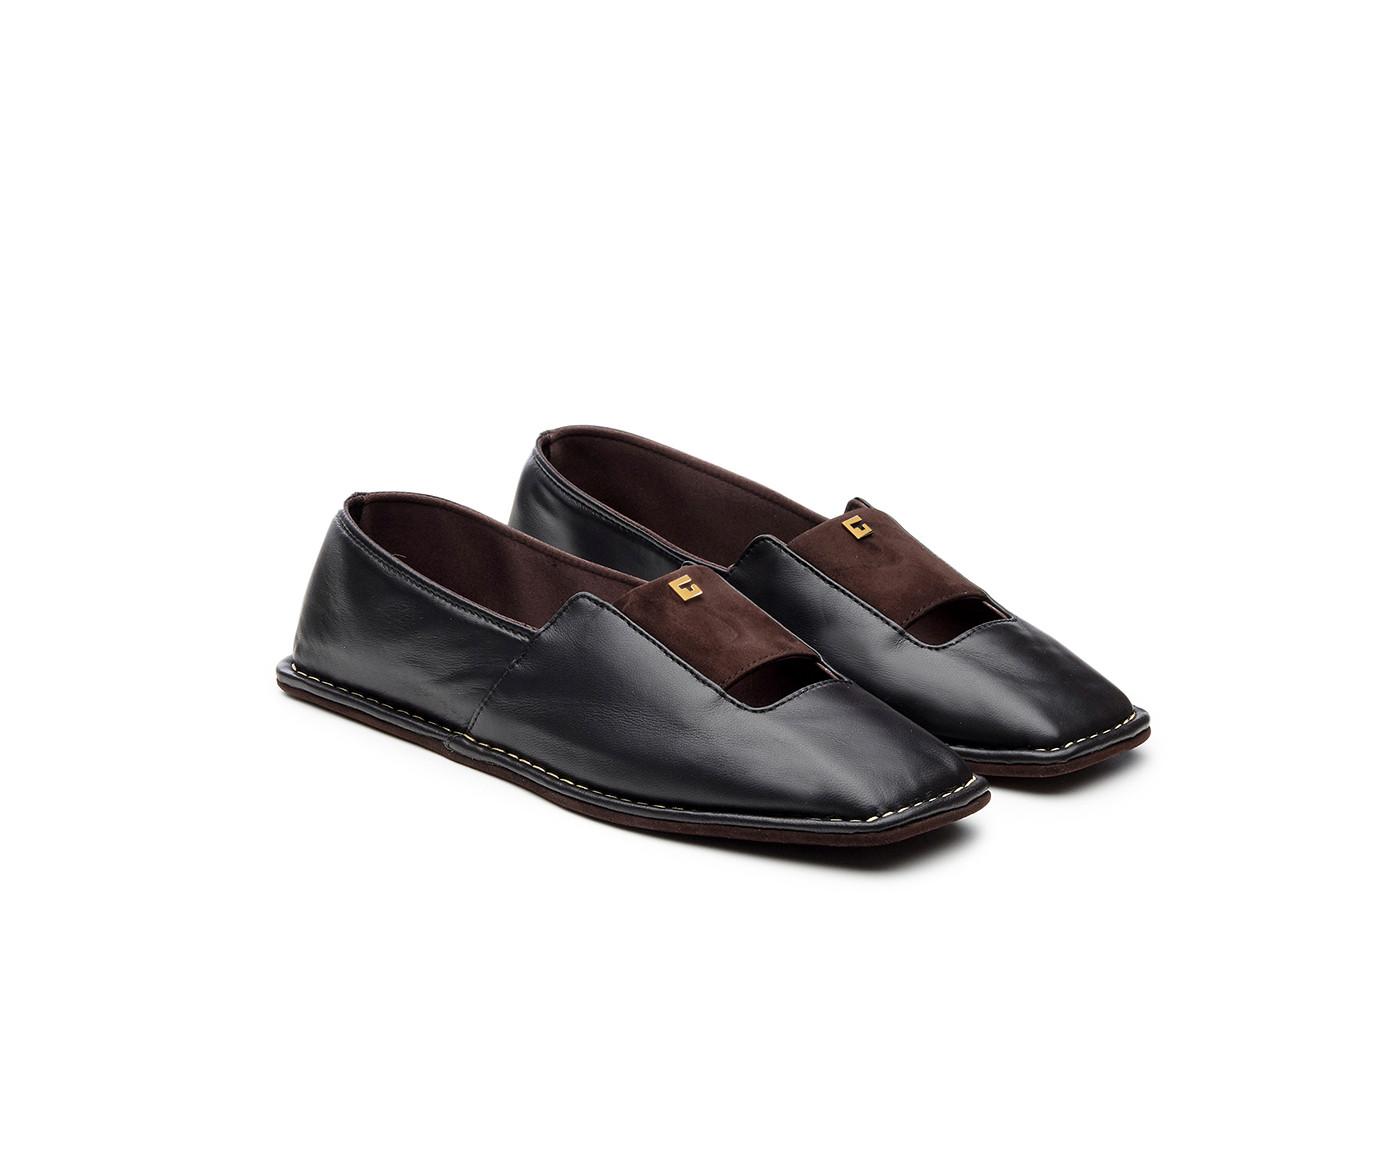 Giordano Torresi shoes | VESTA